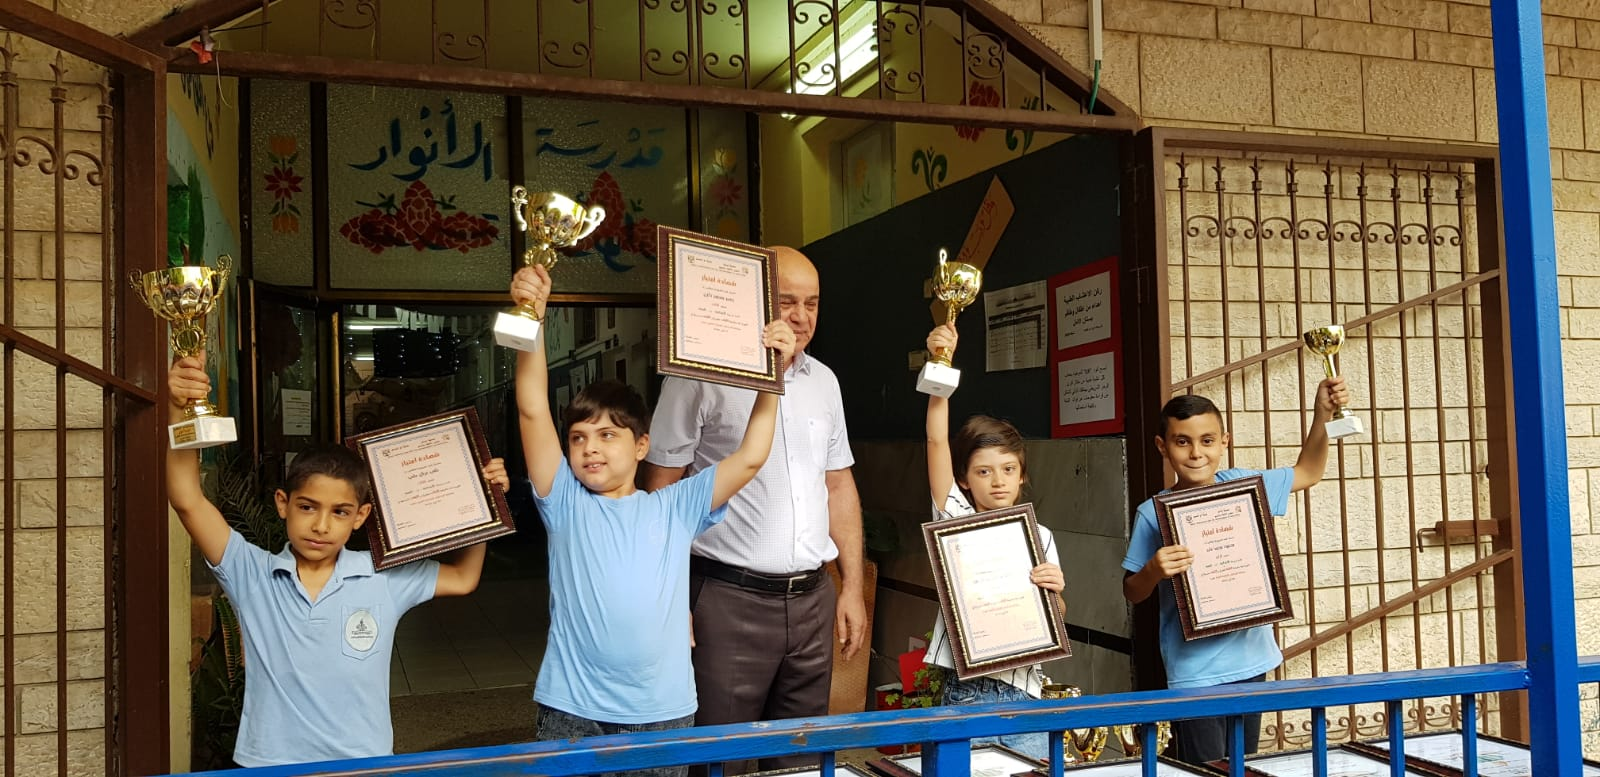 جَمعيَّة إبداع تُكرِّم الفائزين في مُسابقة الرِّياضيّات القُطريَّة الثَّامنة عشرة بالتَّعاون مع المدارس المشاركة